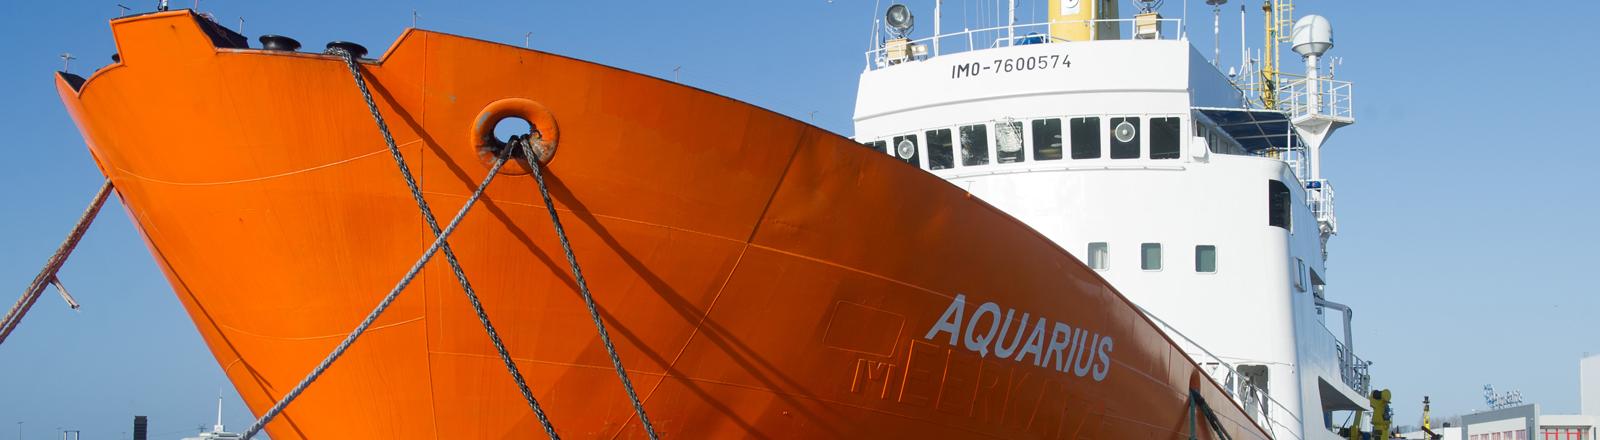 """Das Spezialschiff """"Aquarius"""" von SOS MEDITERRANEE liegt am 28.01.2016 im Hafen von Sassnitz-Mukran auf der Insel Rügen."""